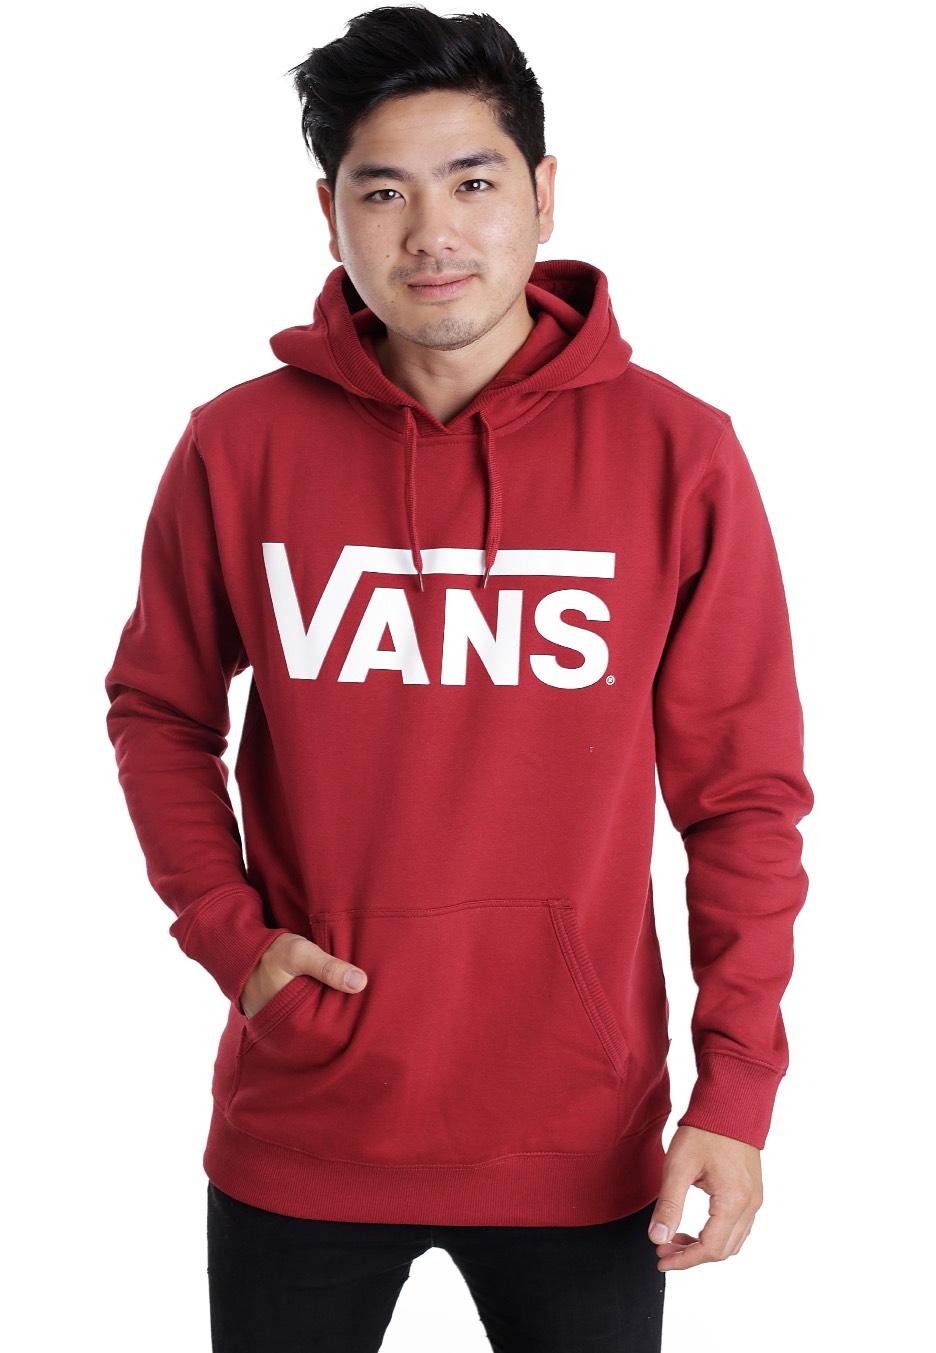 Vans hoodies